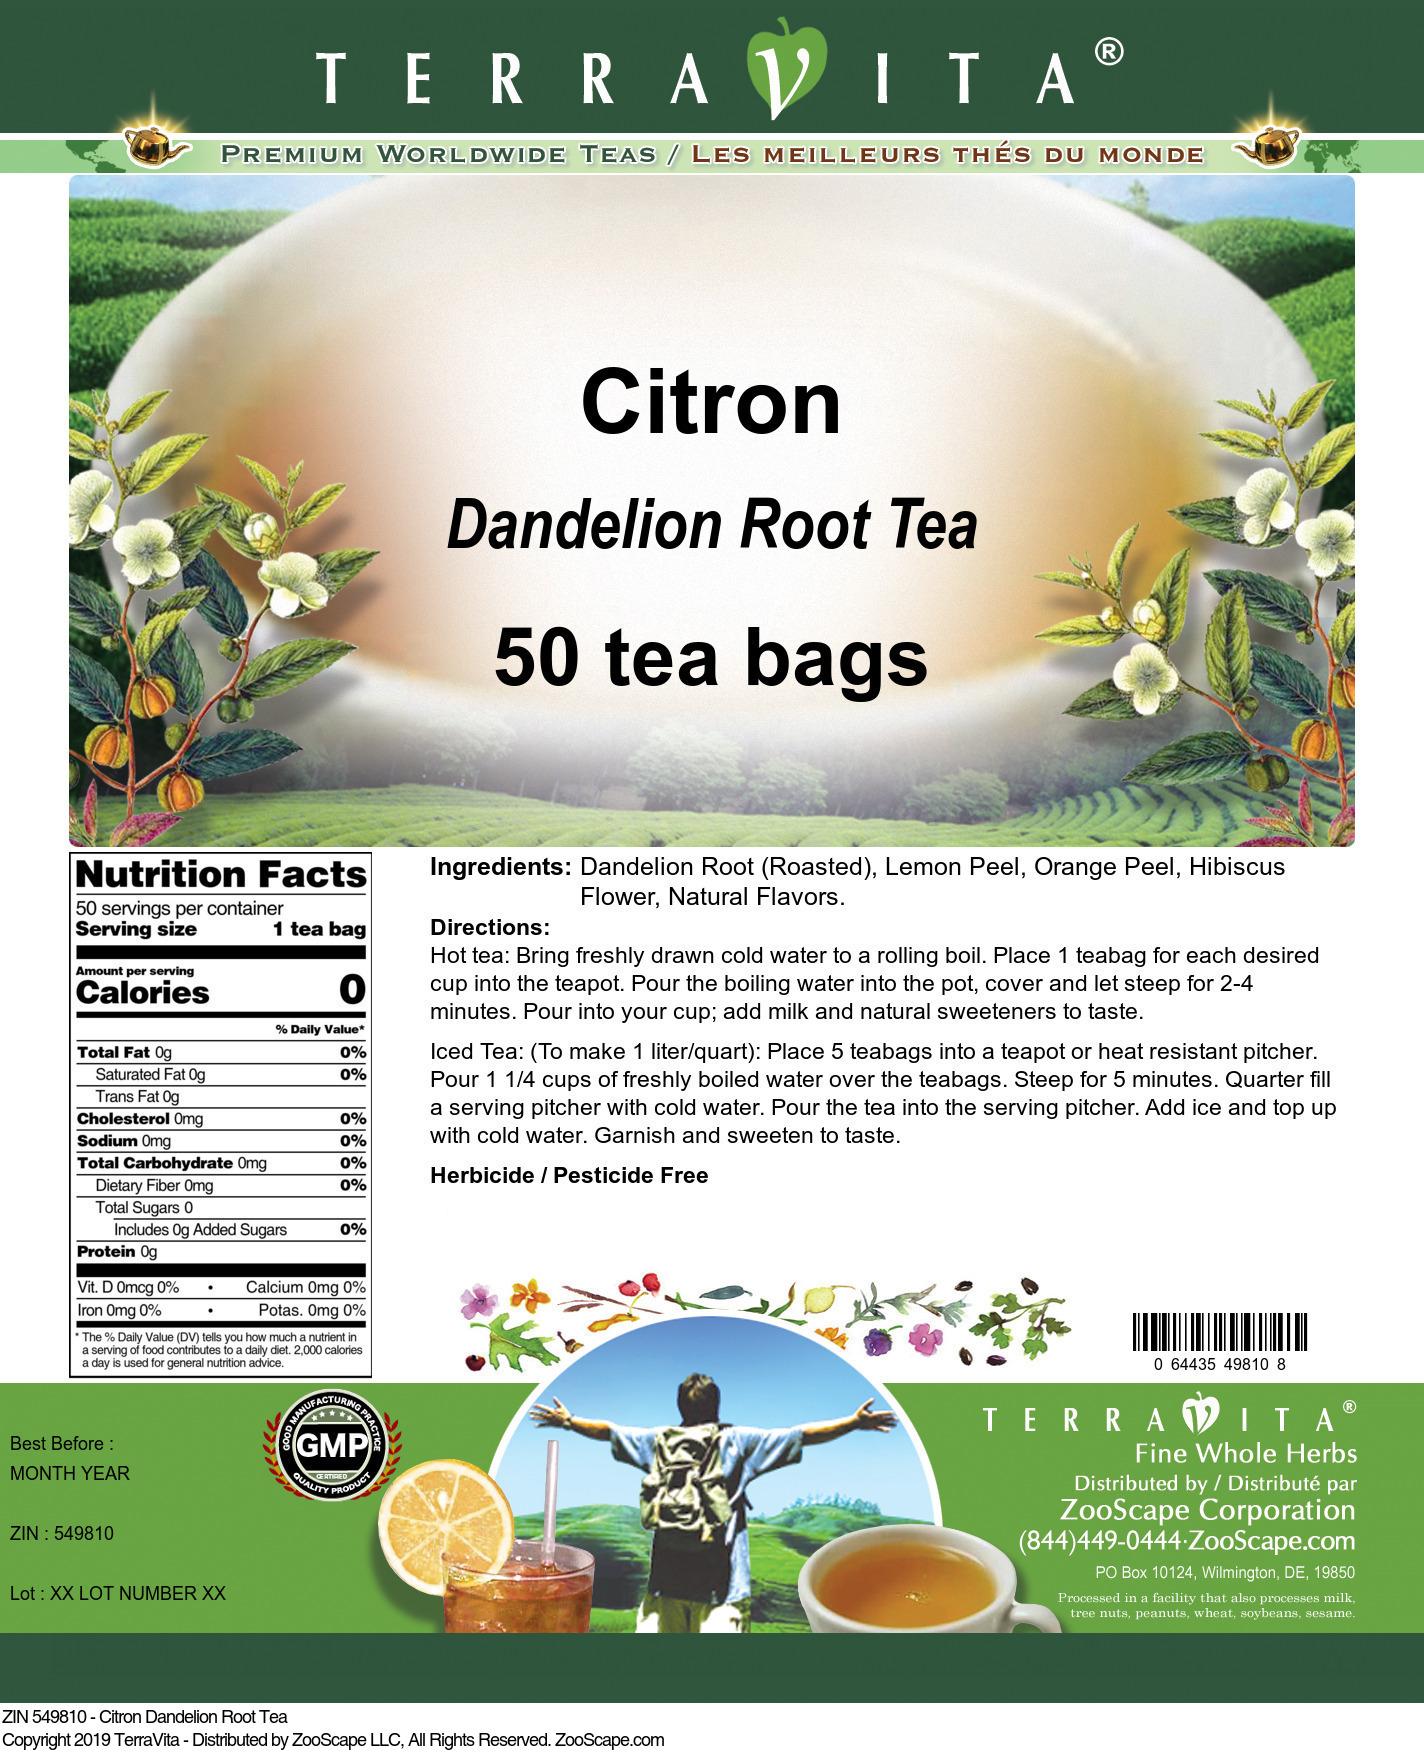 Citron Dandelion Root